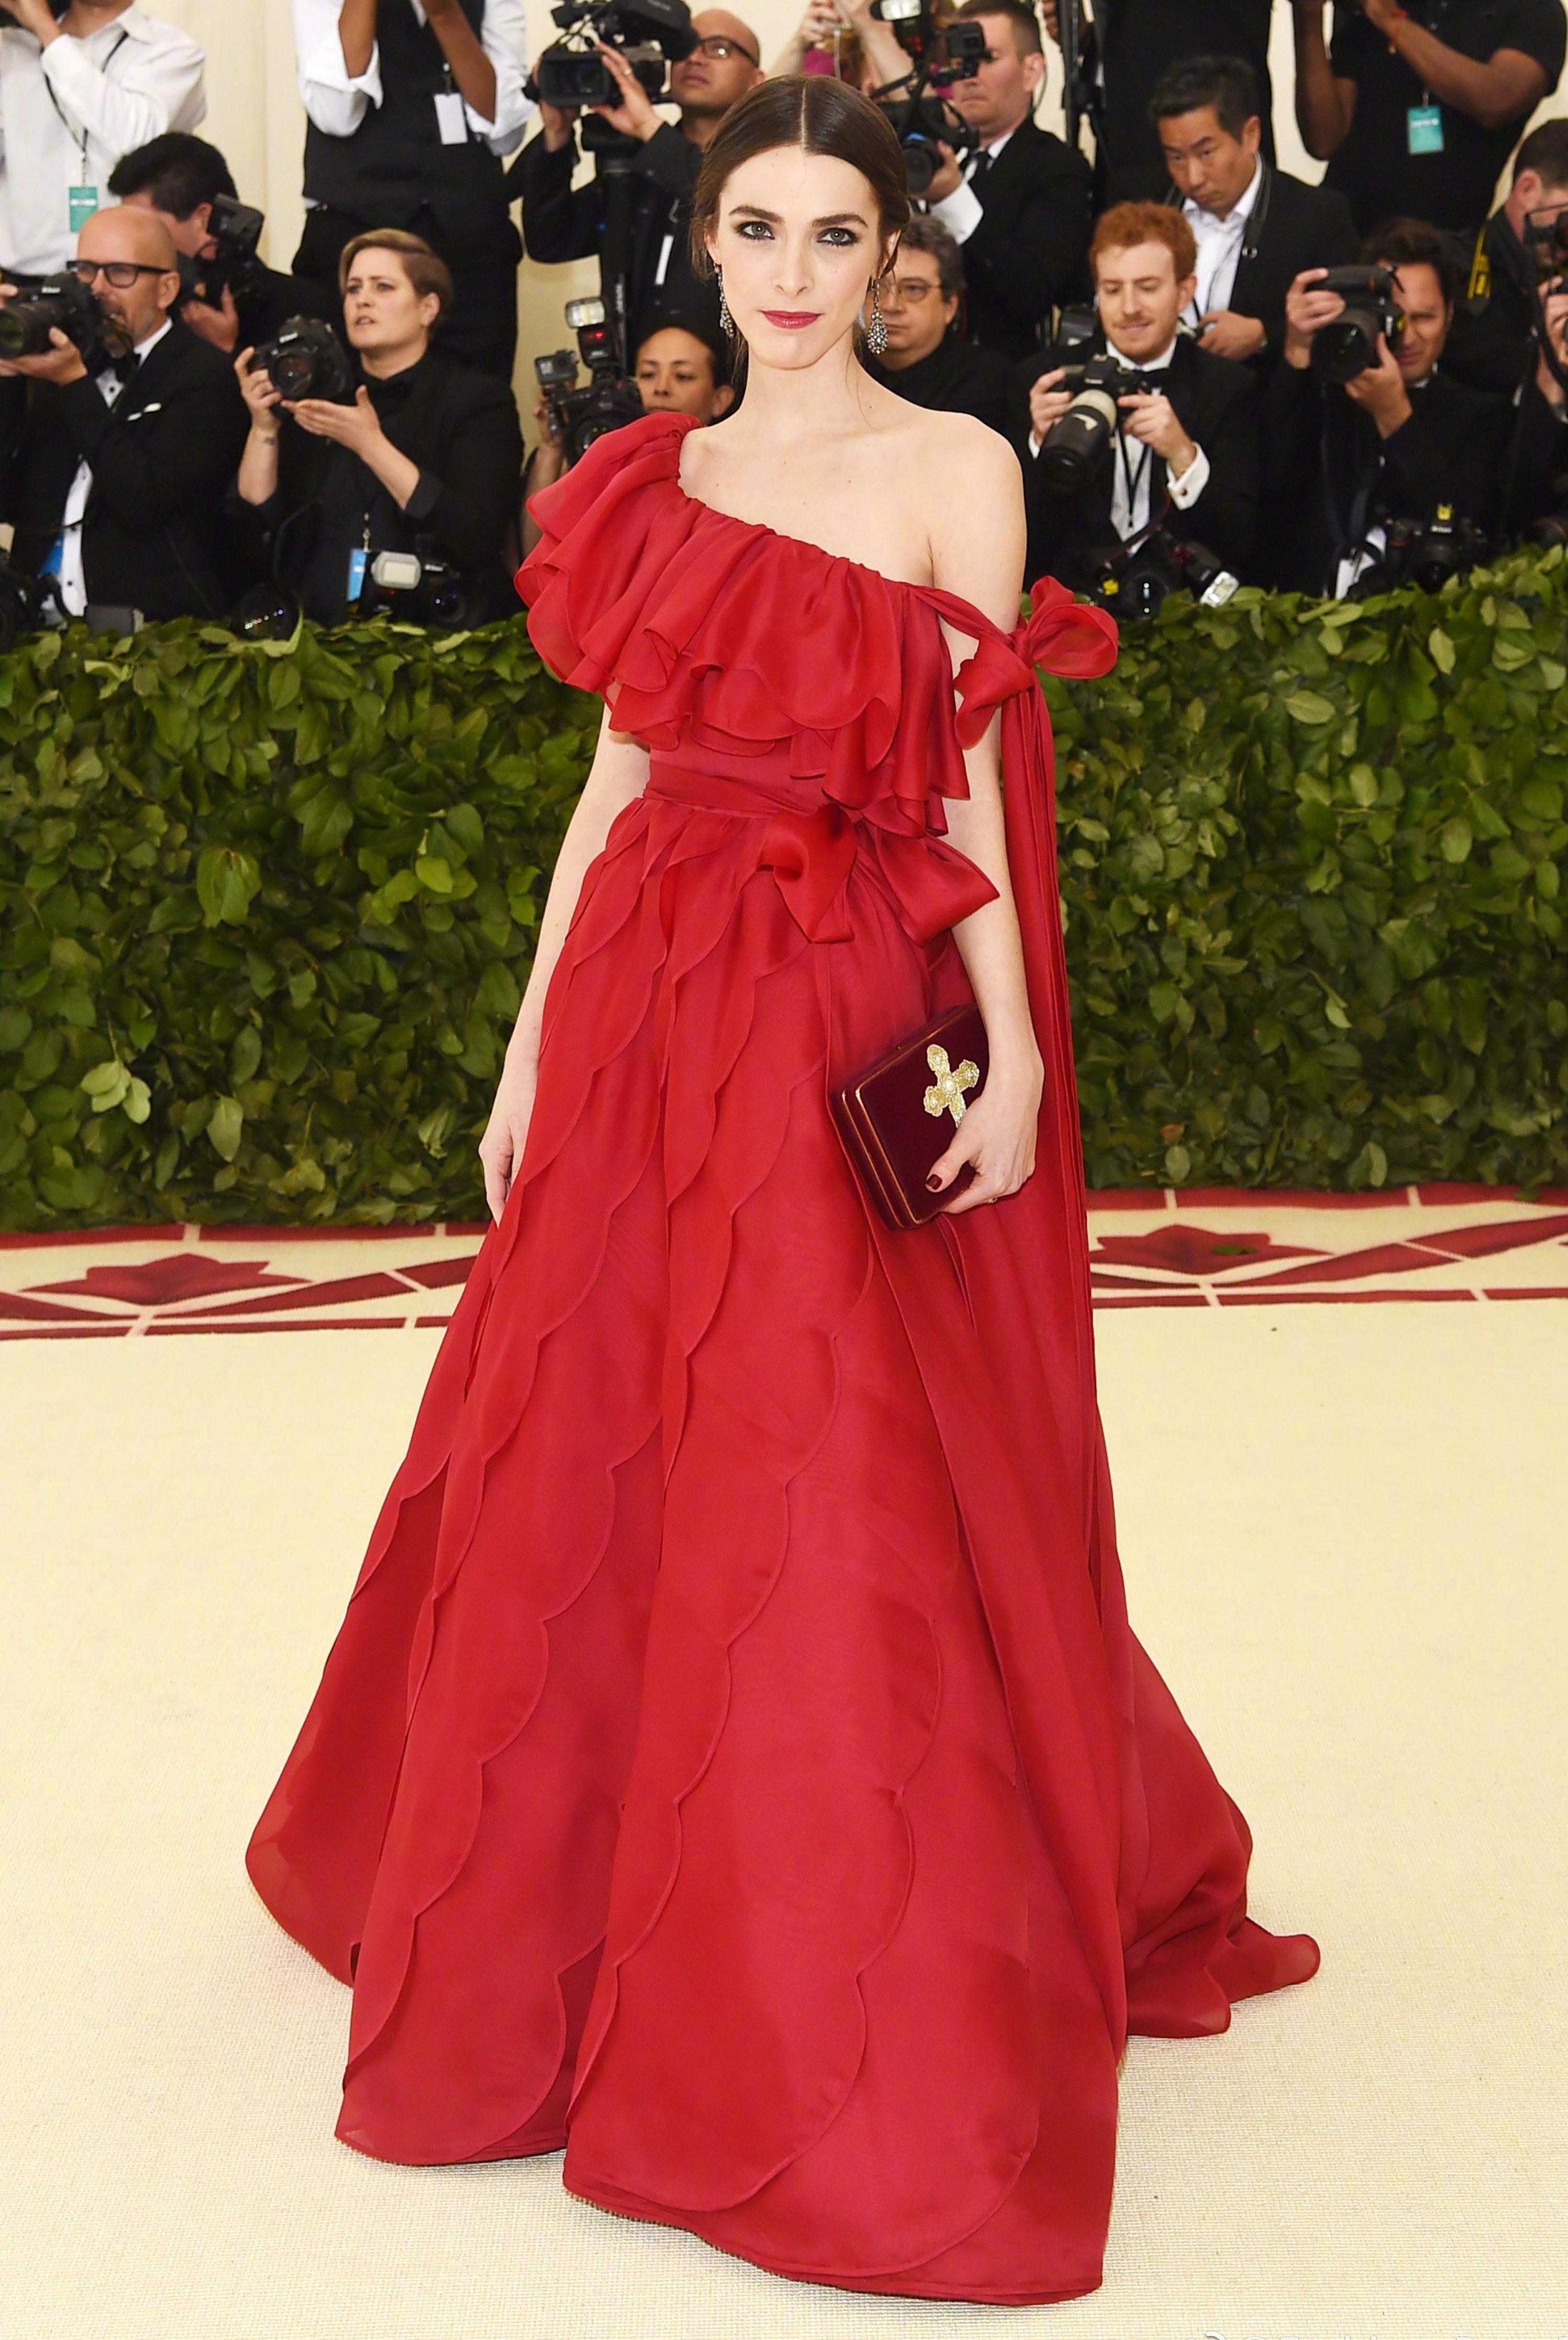 独家揭秘 | 要想定制一件Metball红毯战袍,究竟需要走几道程序?